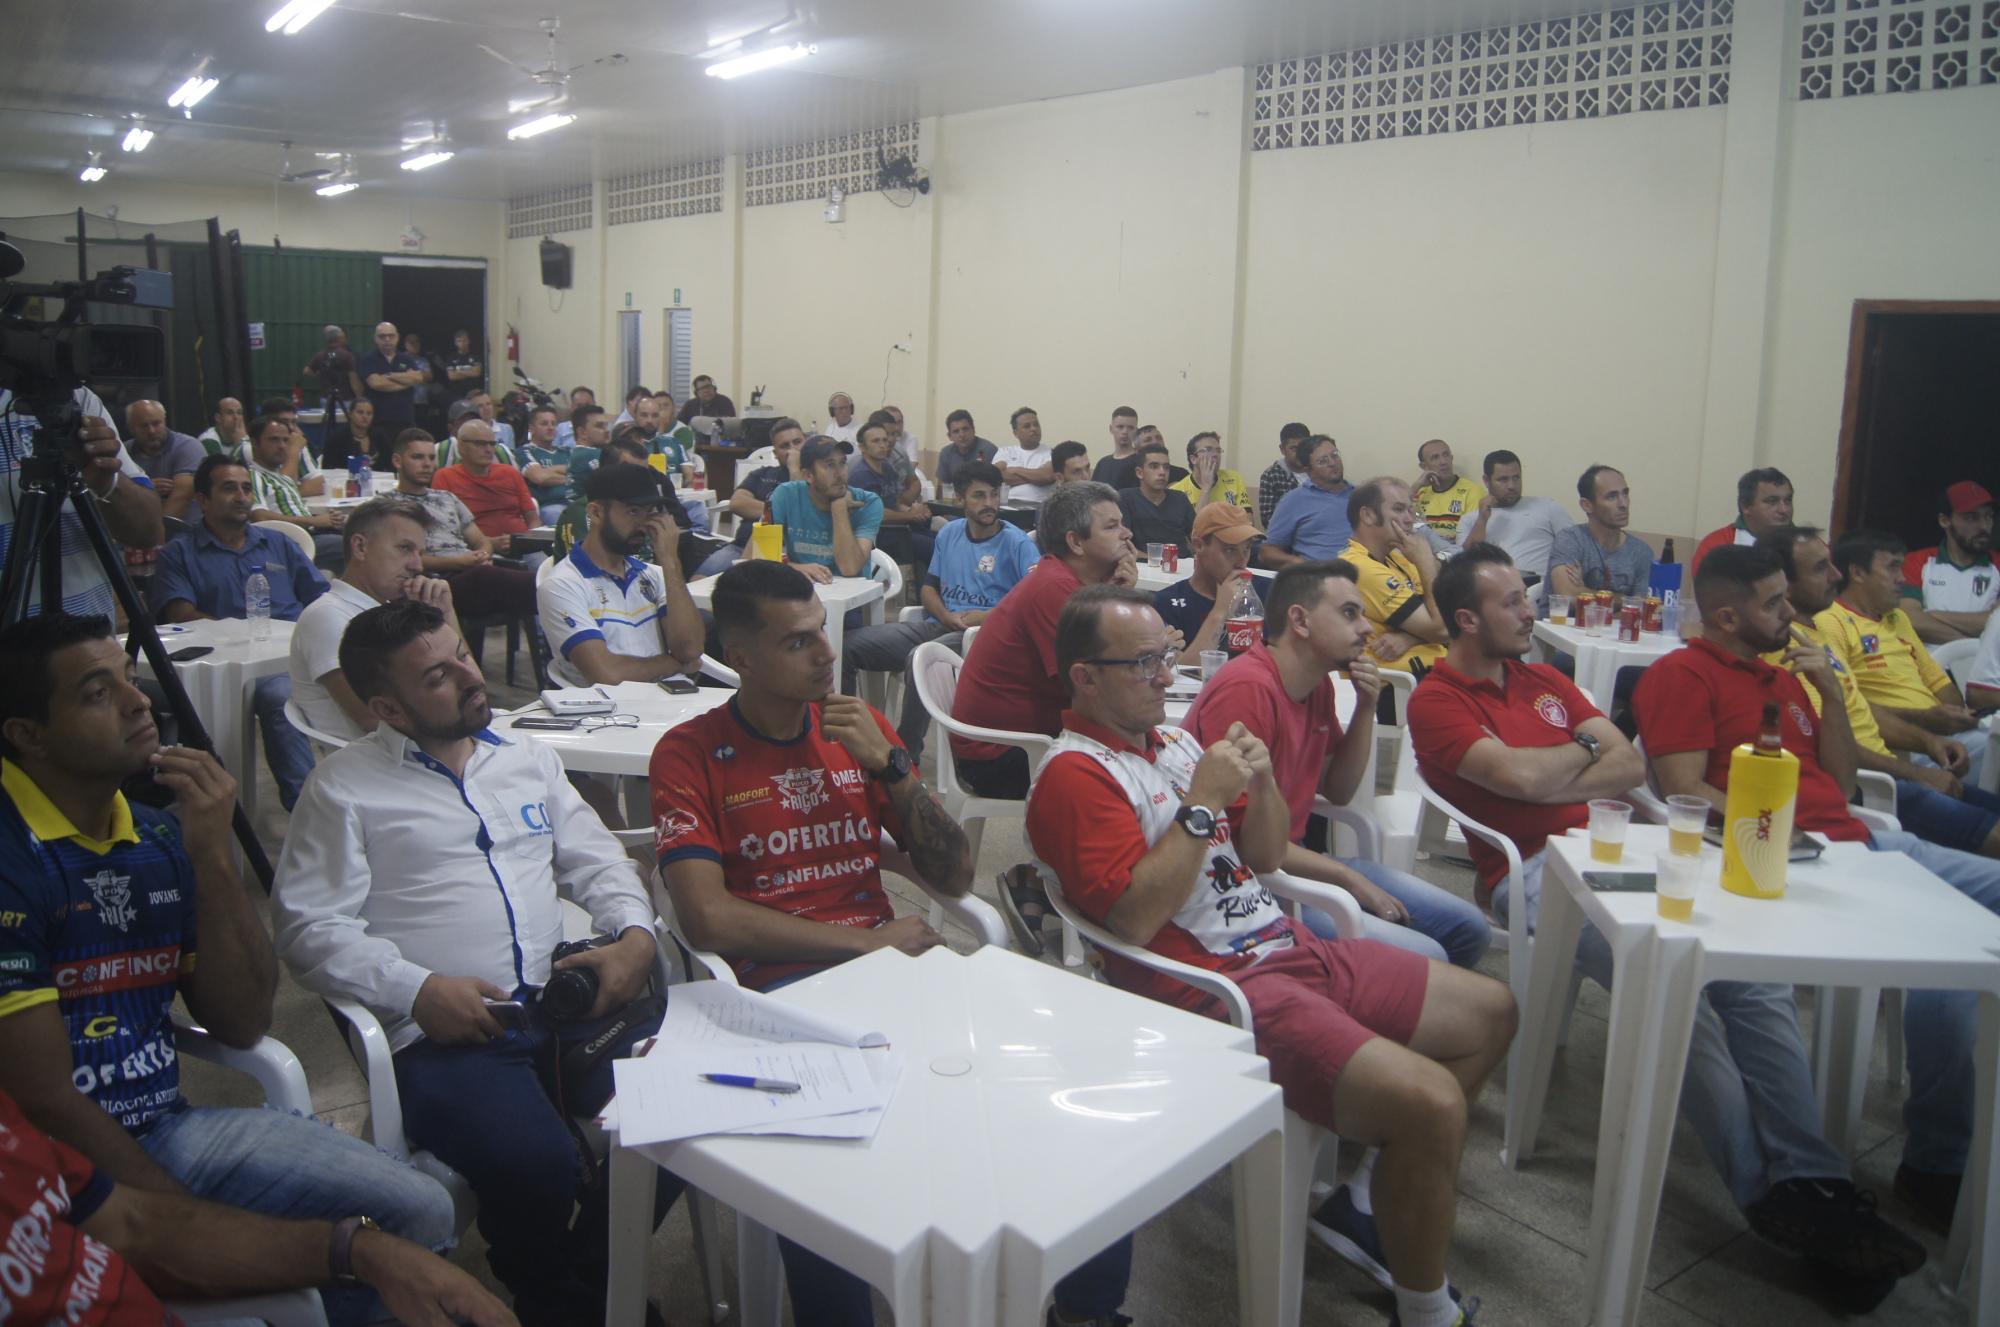 Futebol: Liga Riosulense divulga as datas da primeira rodada